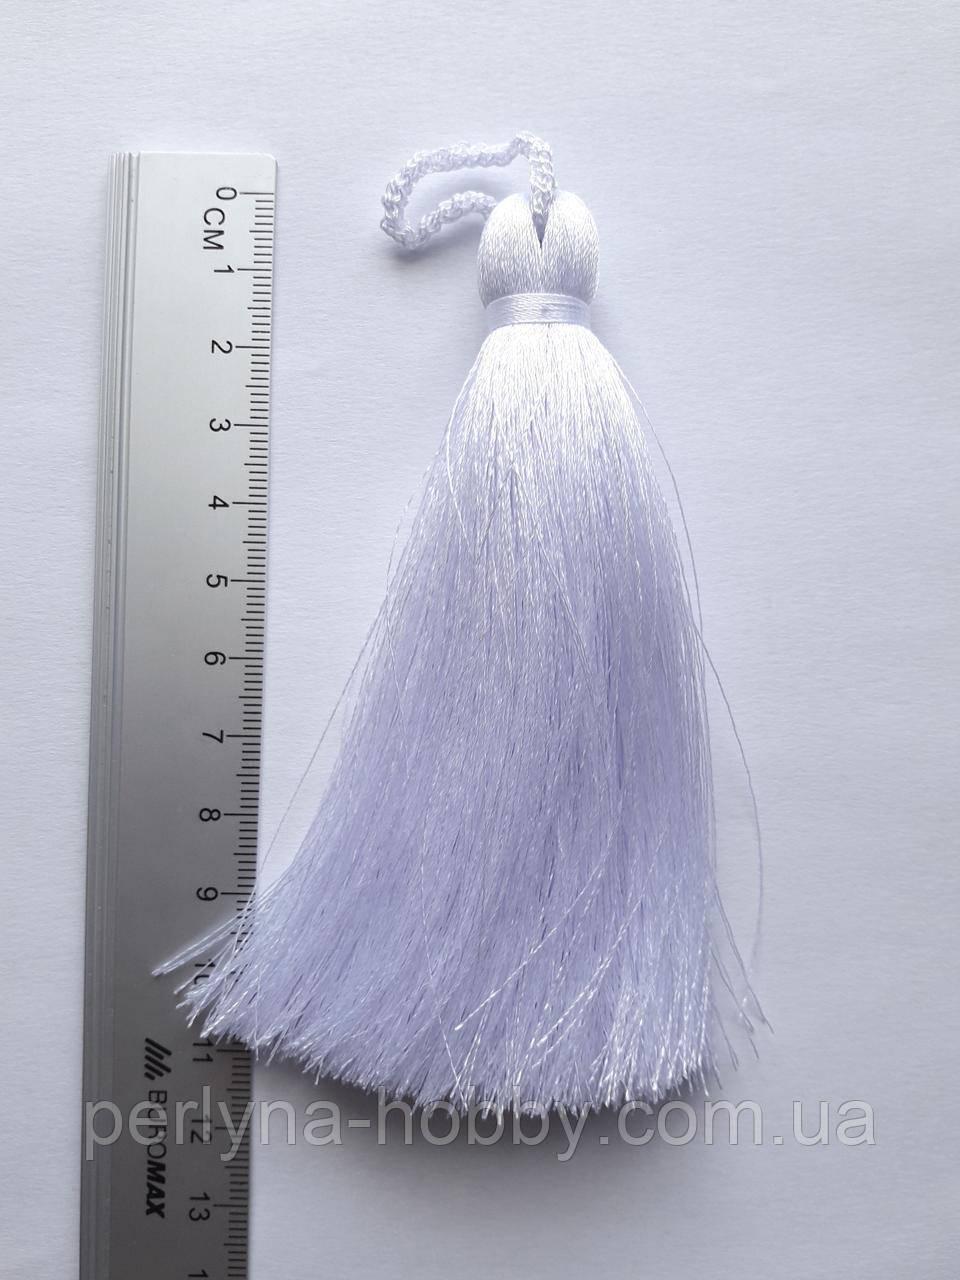 Кисти шелковые декоративные ( 1 шт ) Китиця декоративна велика 10-11 см,біла 0101,